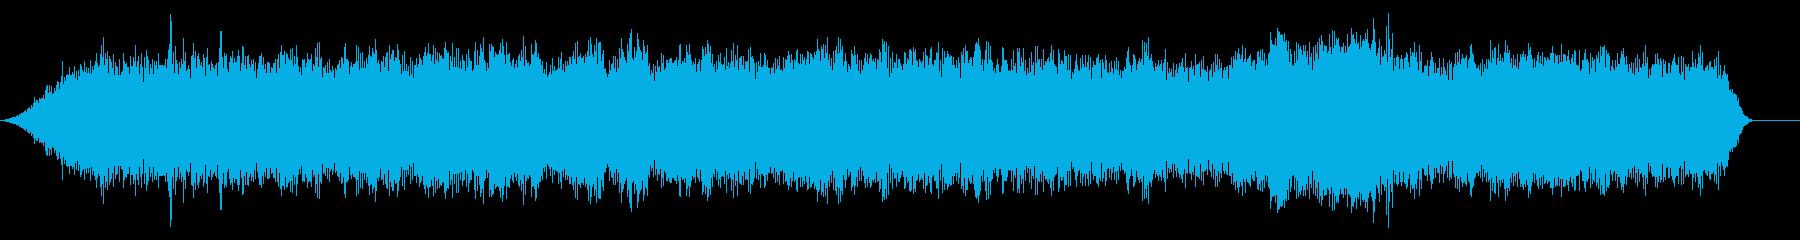 軽自動車のアイドリング音 (車内の音)の再生済みの波形